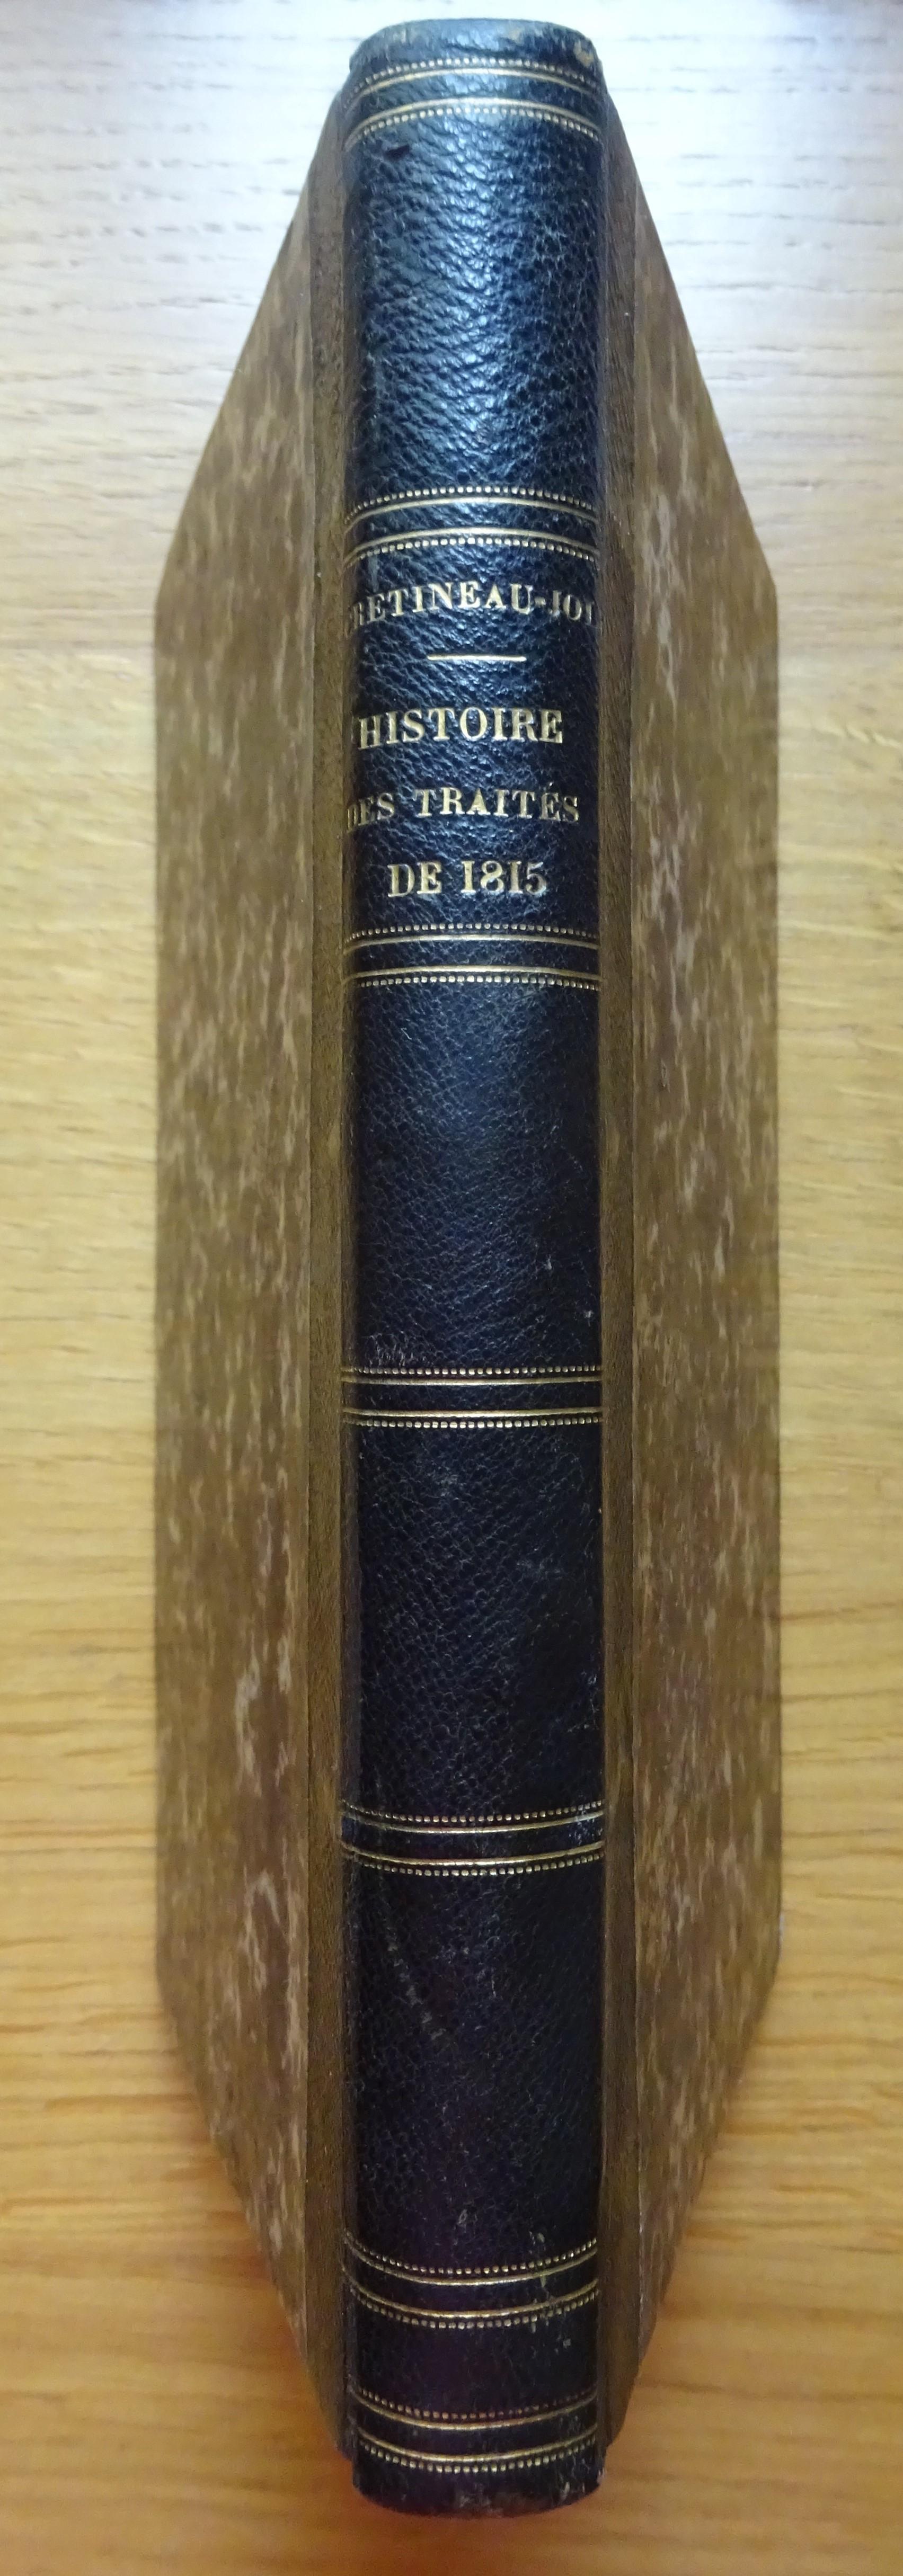 Histoire des traités de 1815 et de leur exécution